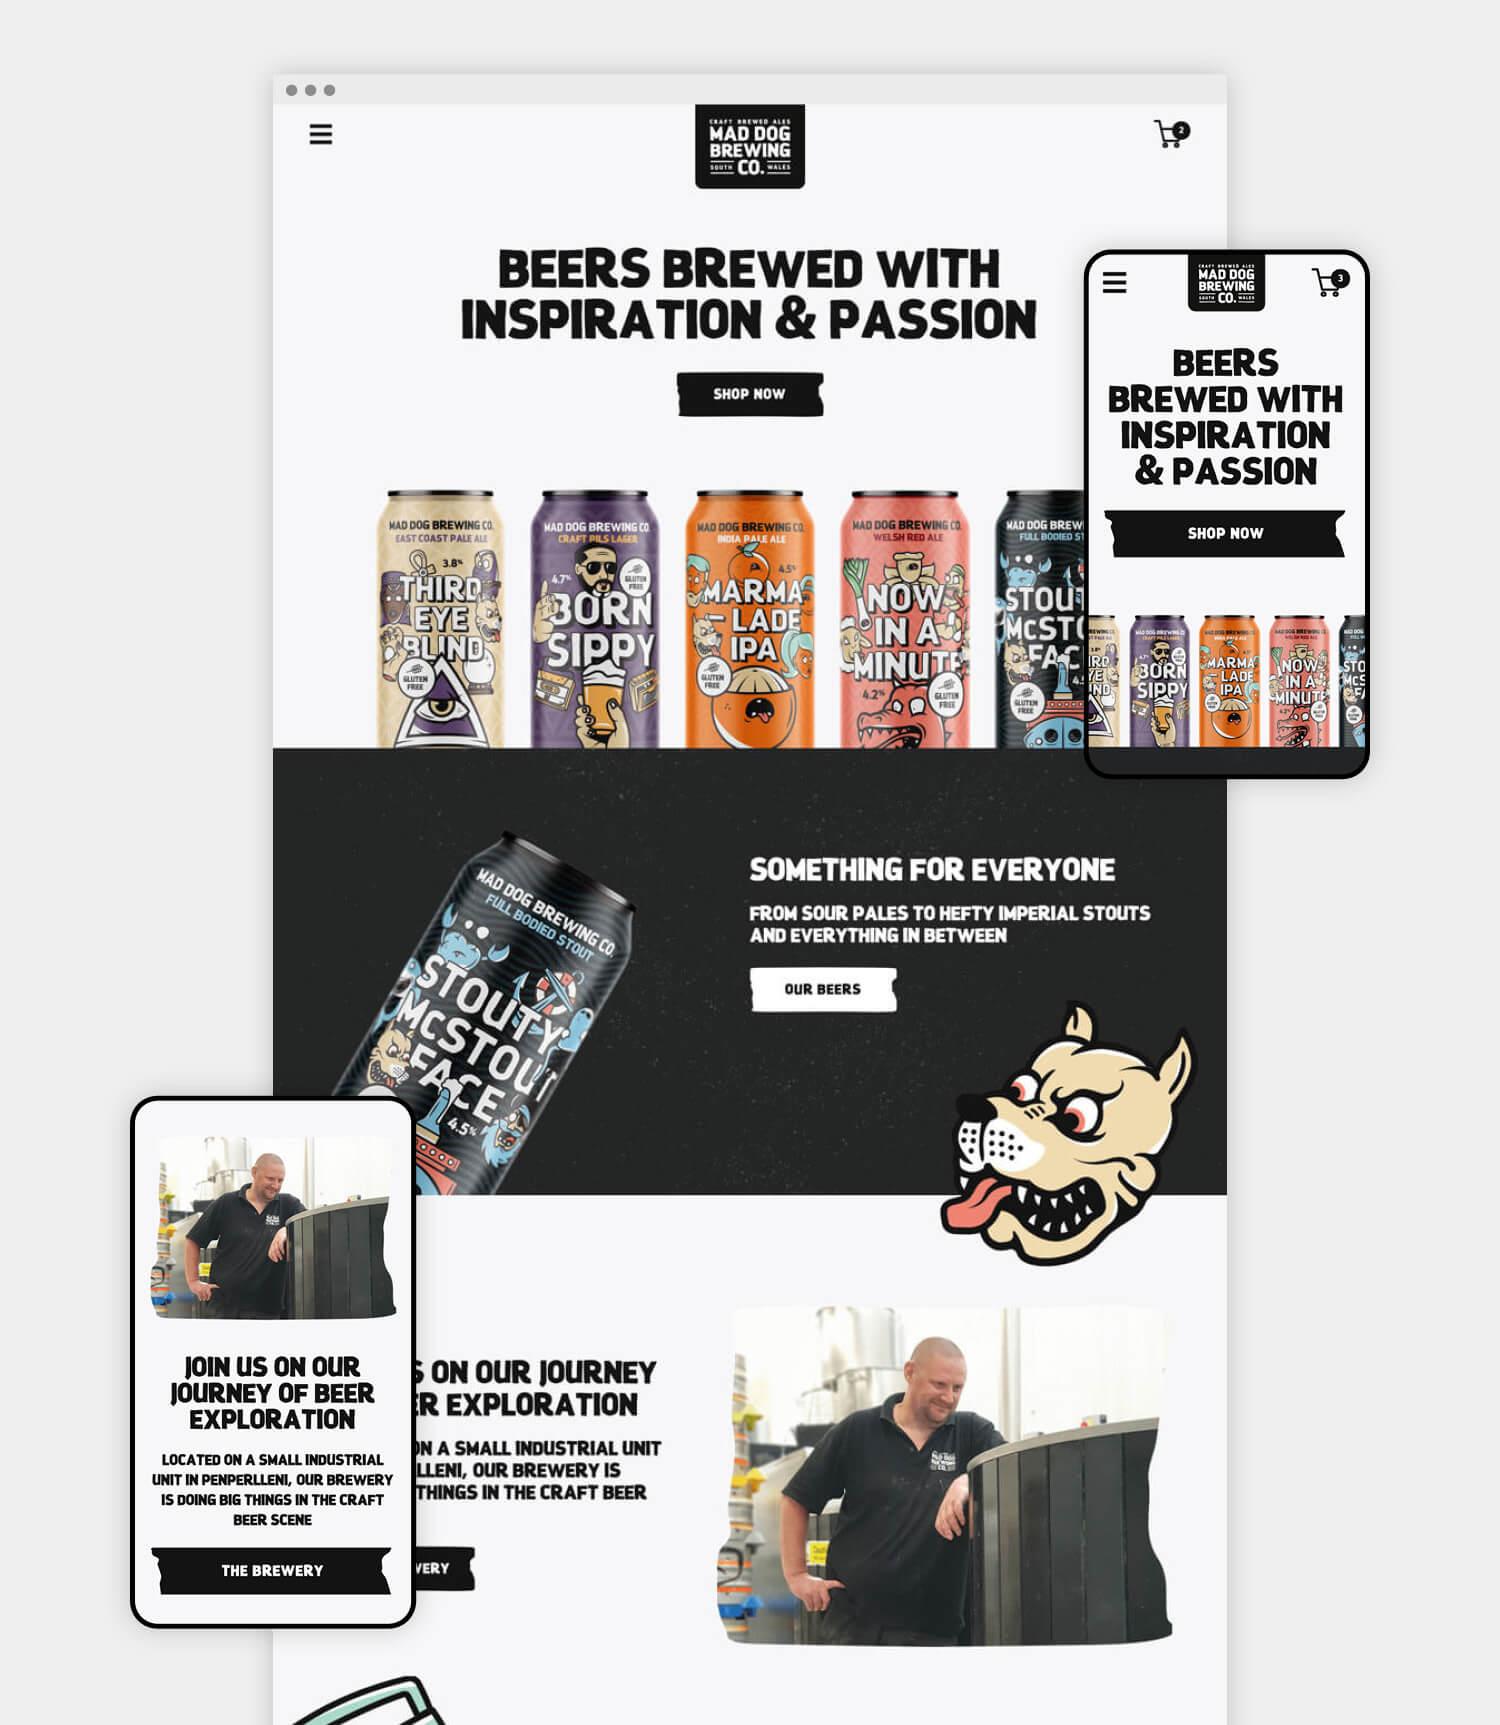 Mad Dog website design